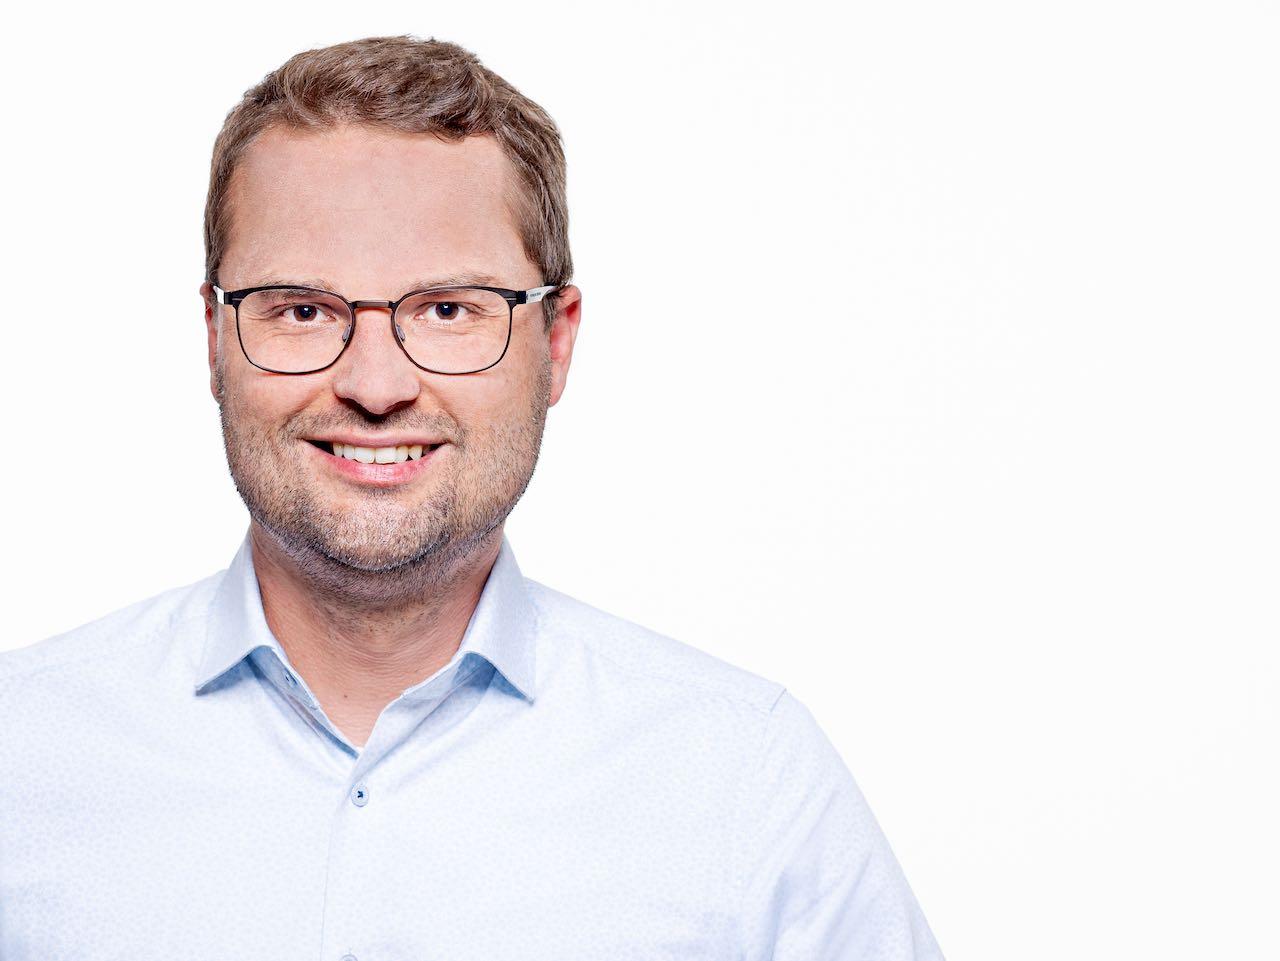 Michael Szopieray